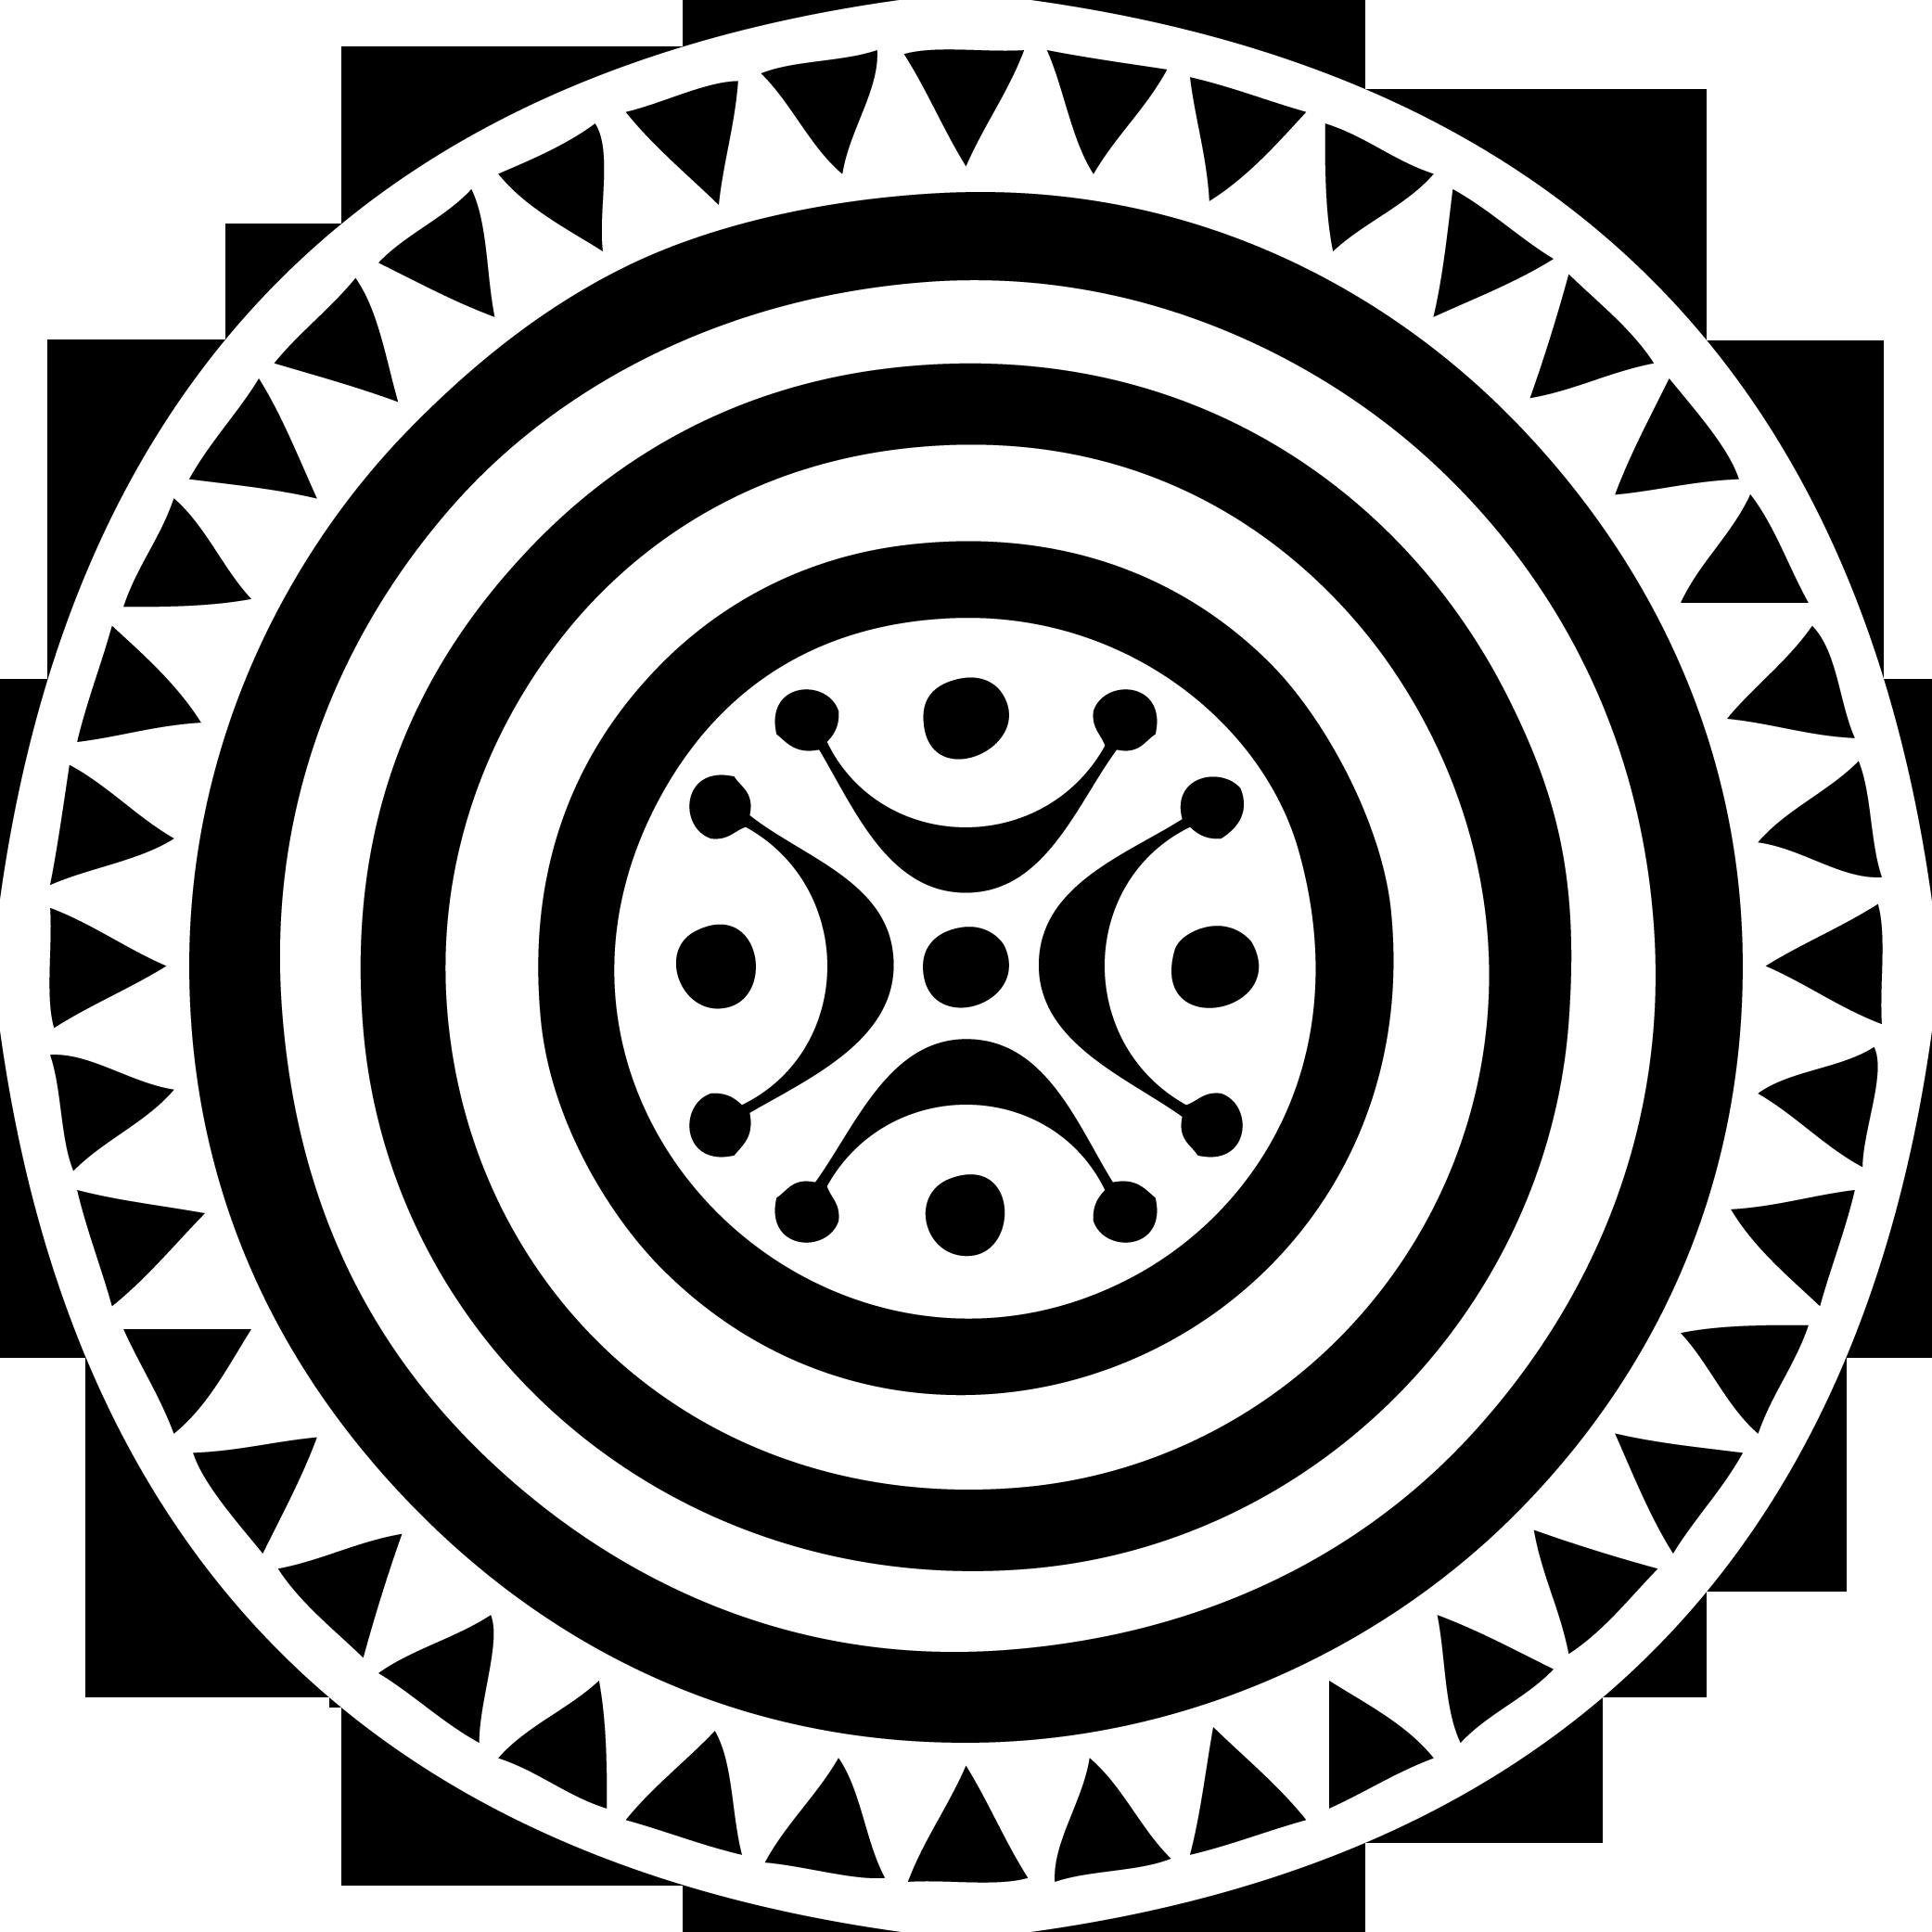 La Estela De Barros Es Una Estela Cantabra Discoidea Gigante Del Siglo Iii A C Encontrada En Barros Localidad Del M Estela Simbolos Celtas Tatuajes Vikingos